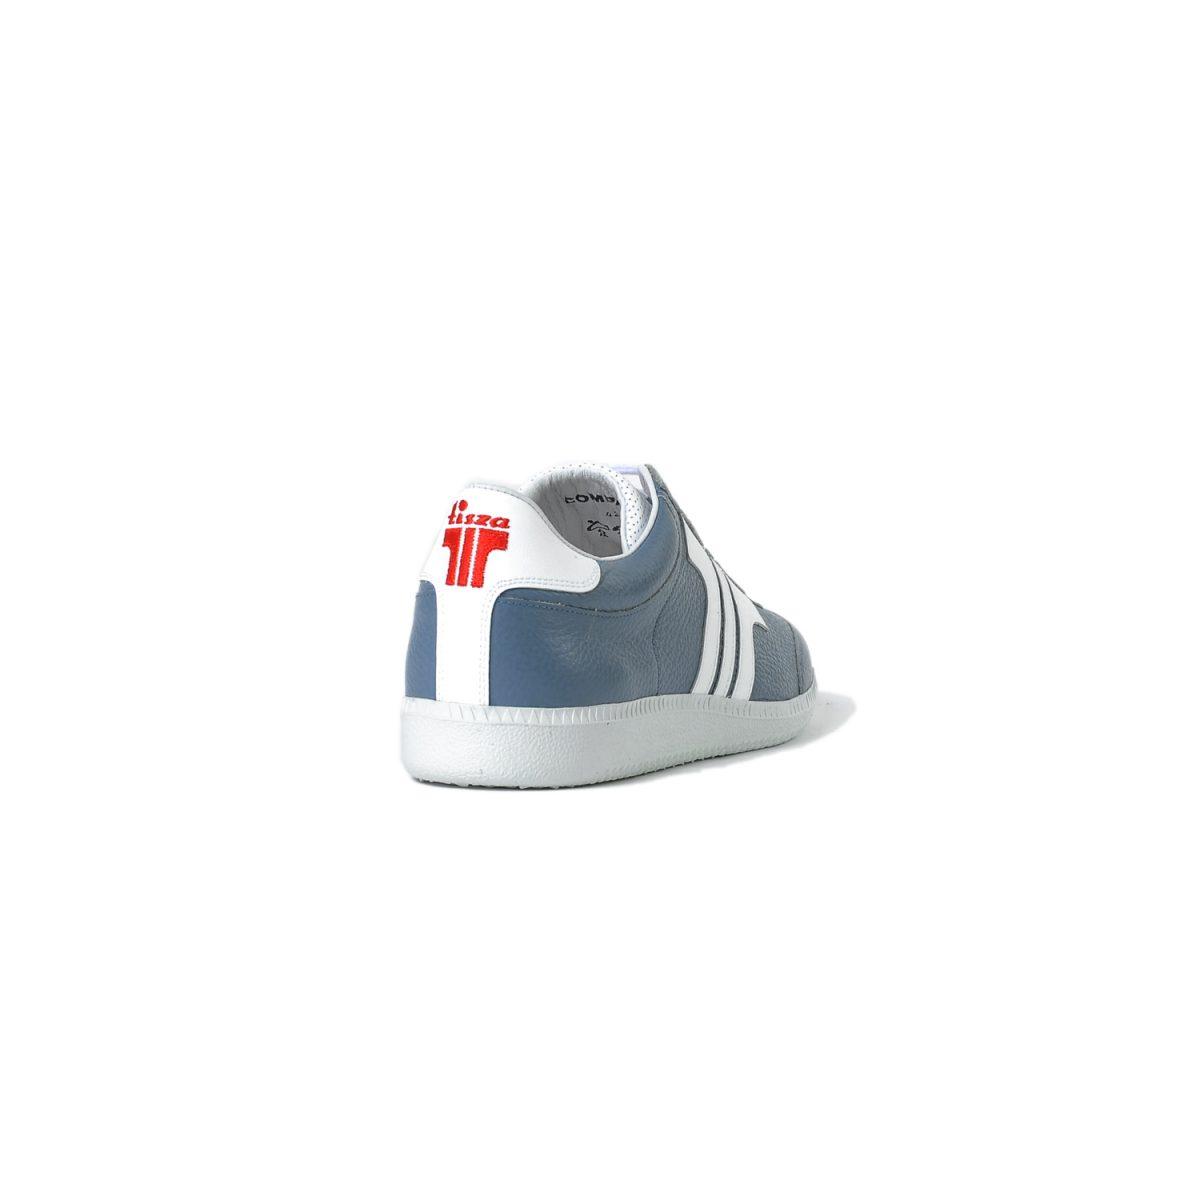 Tisza cipő - Compakt - Acélkék-fehér